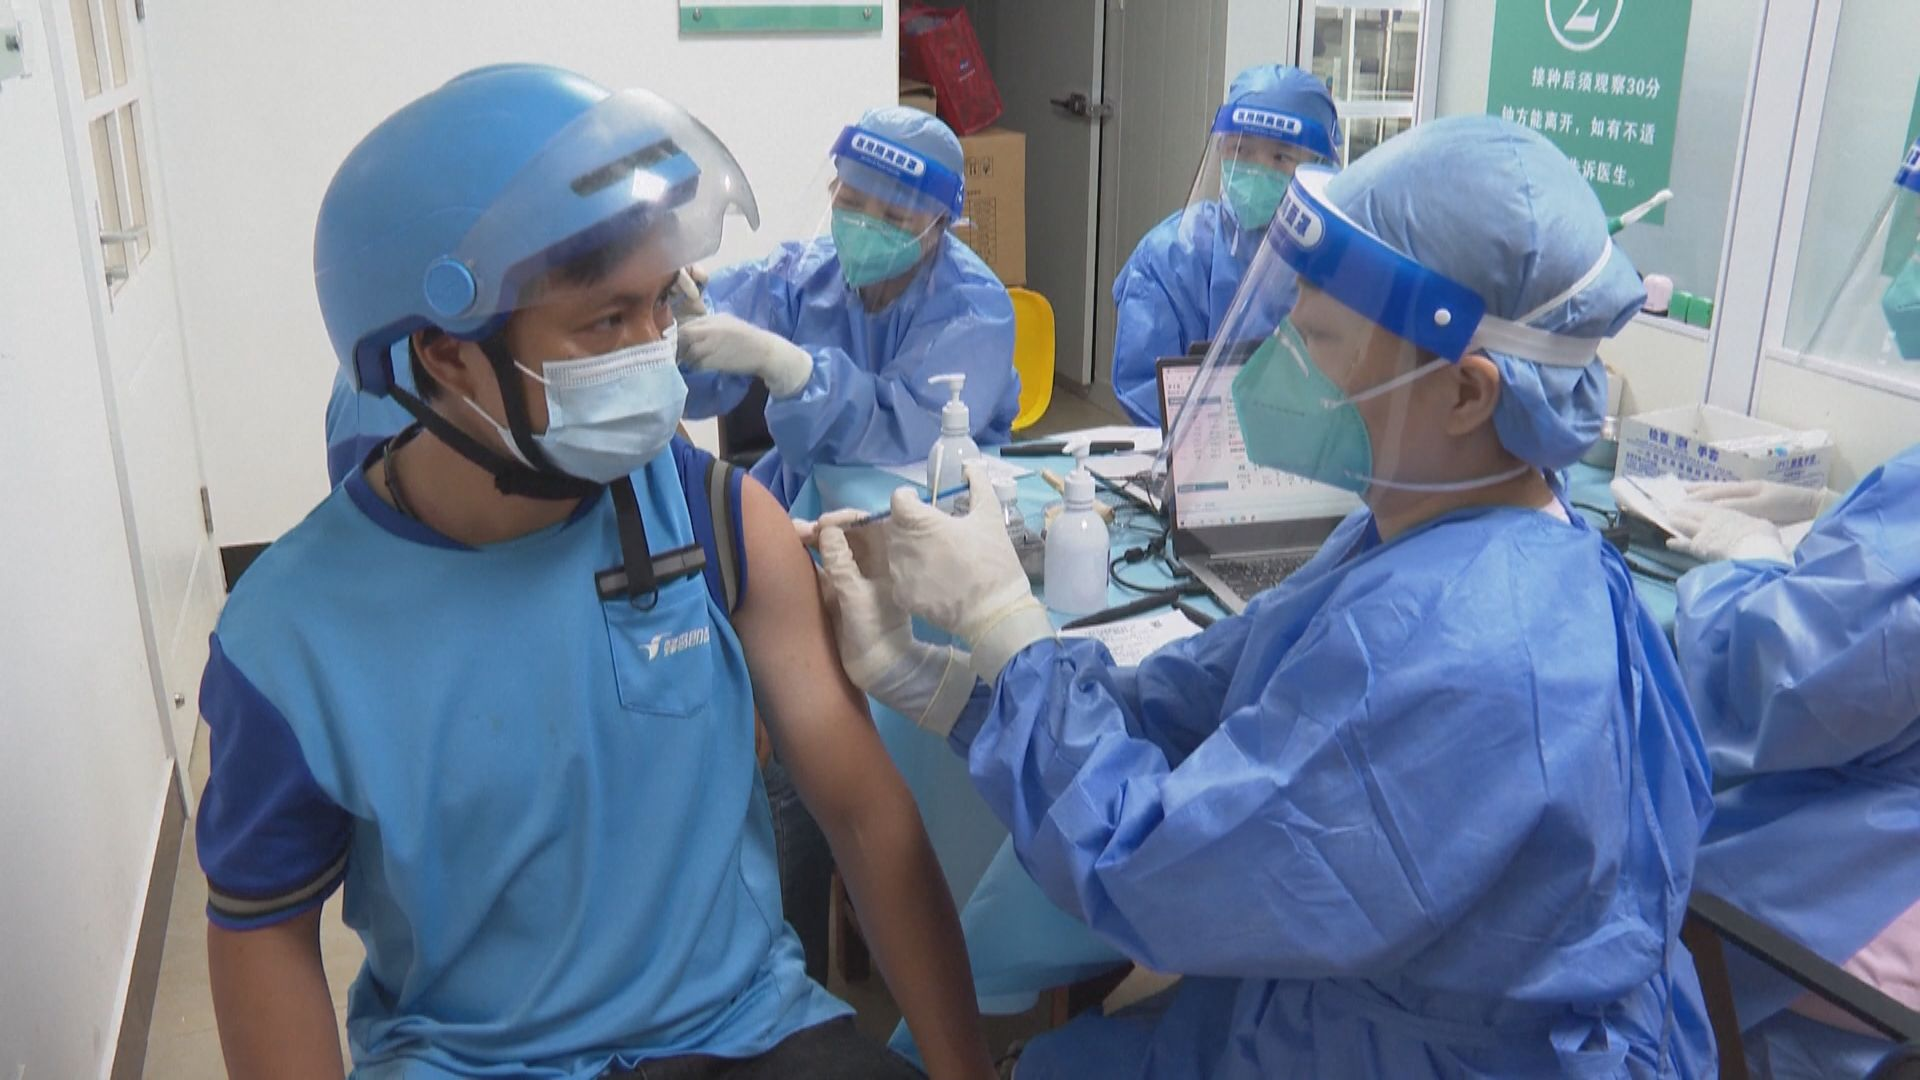 中國疾控中心:接種後確診並非意味保護疫苗效力不足